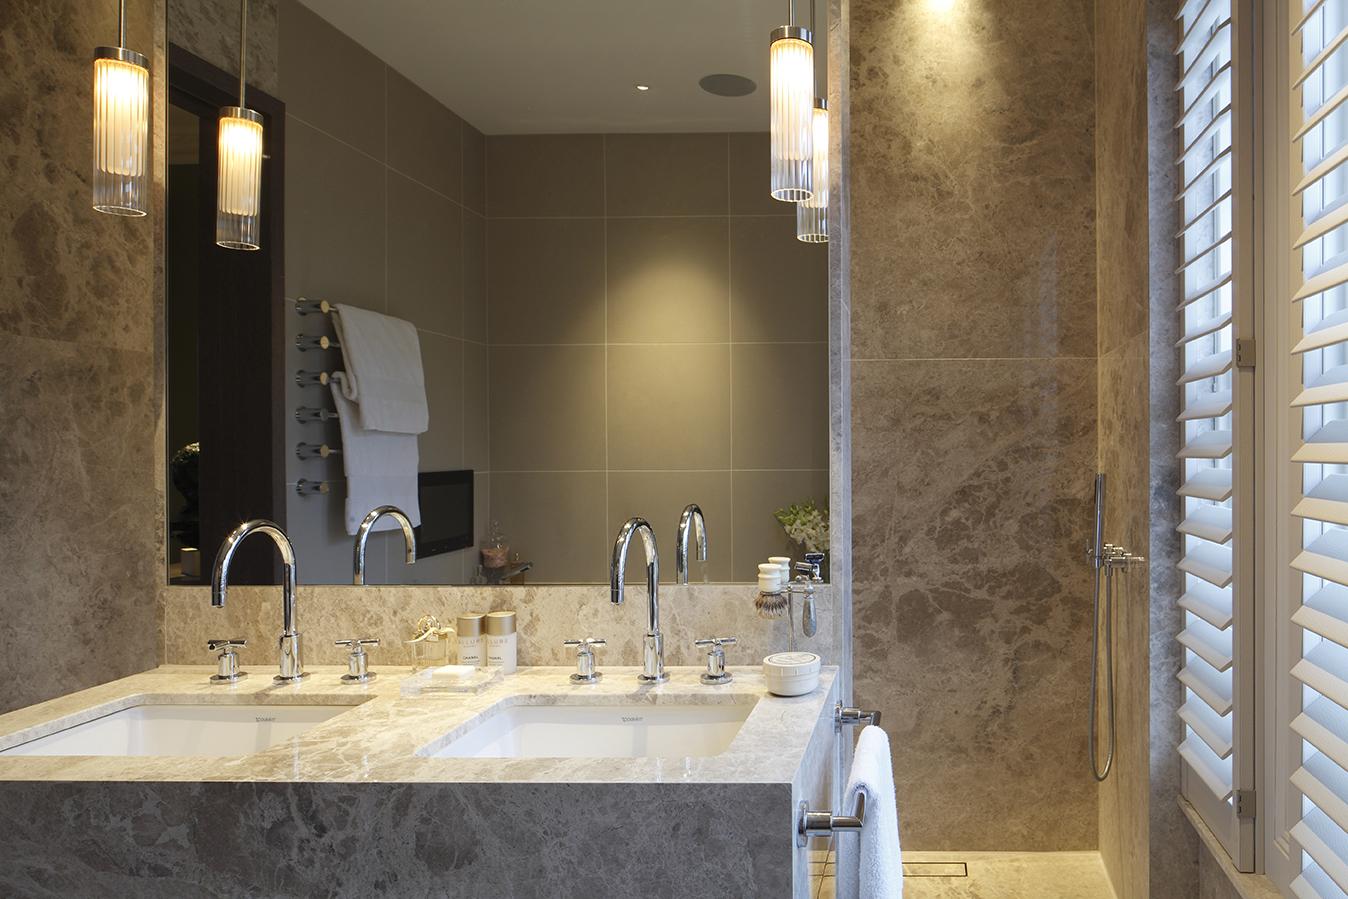 Bathroom Lighting John Cullen top 10 lighting tips from design director sally storey | fleur de